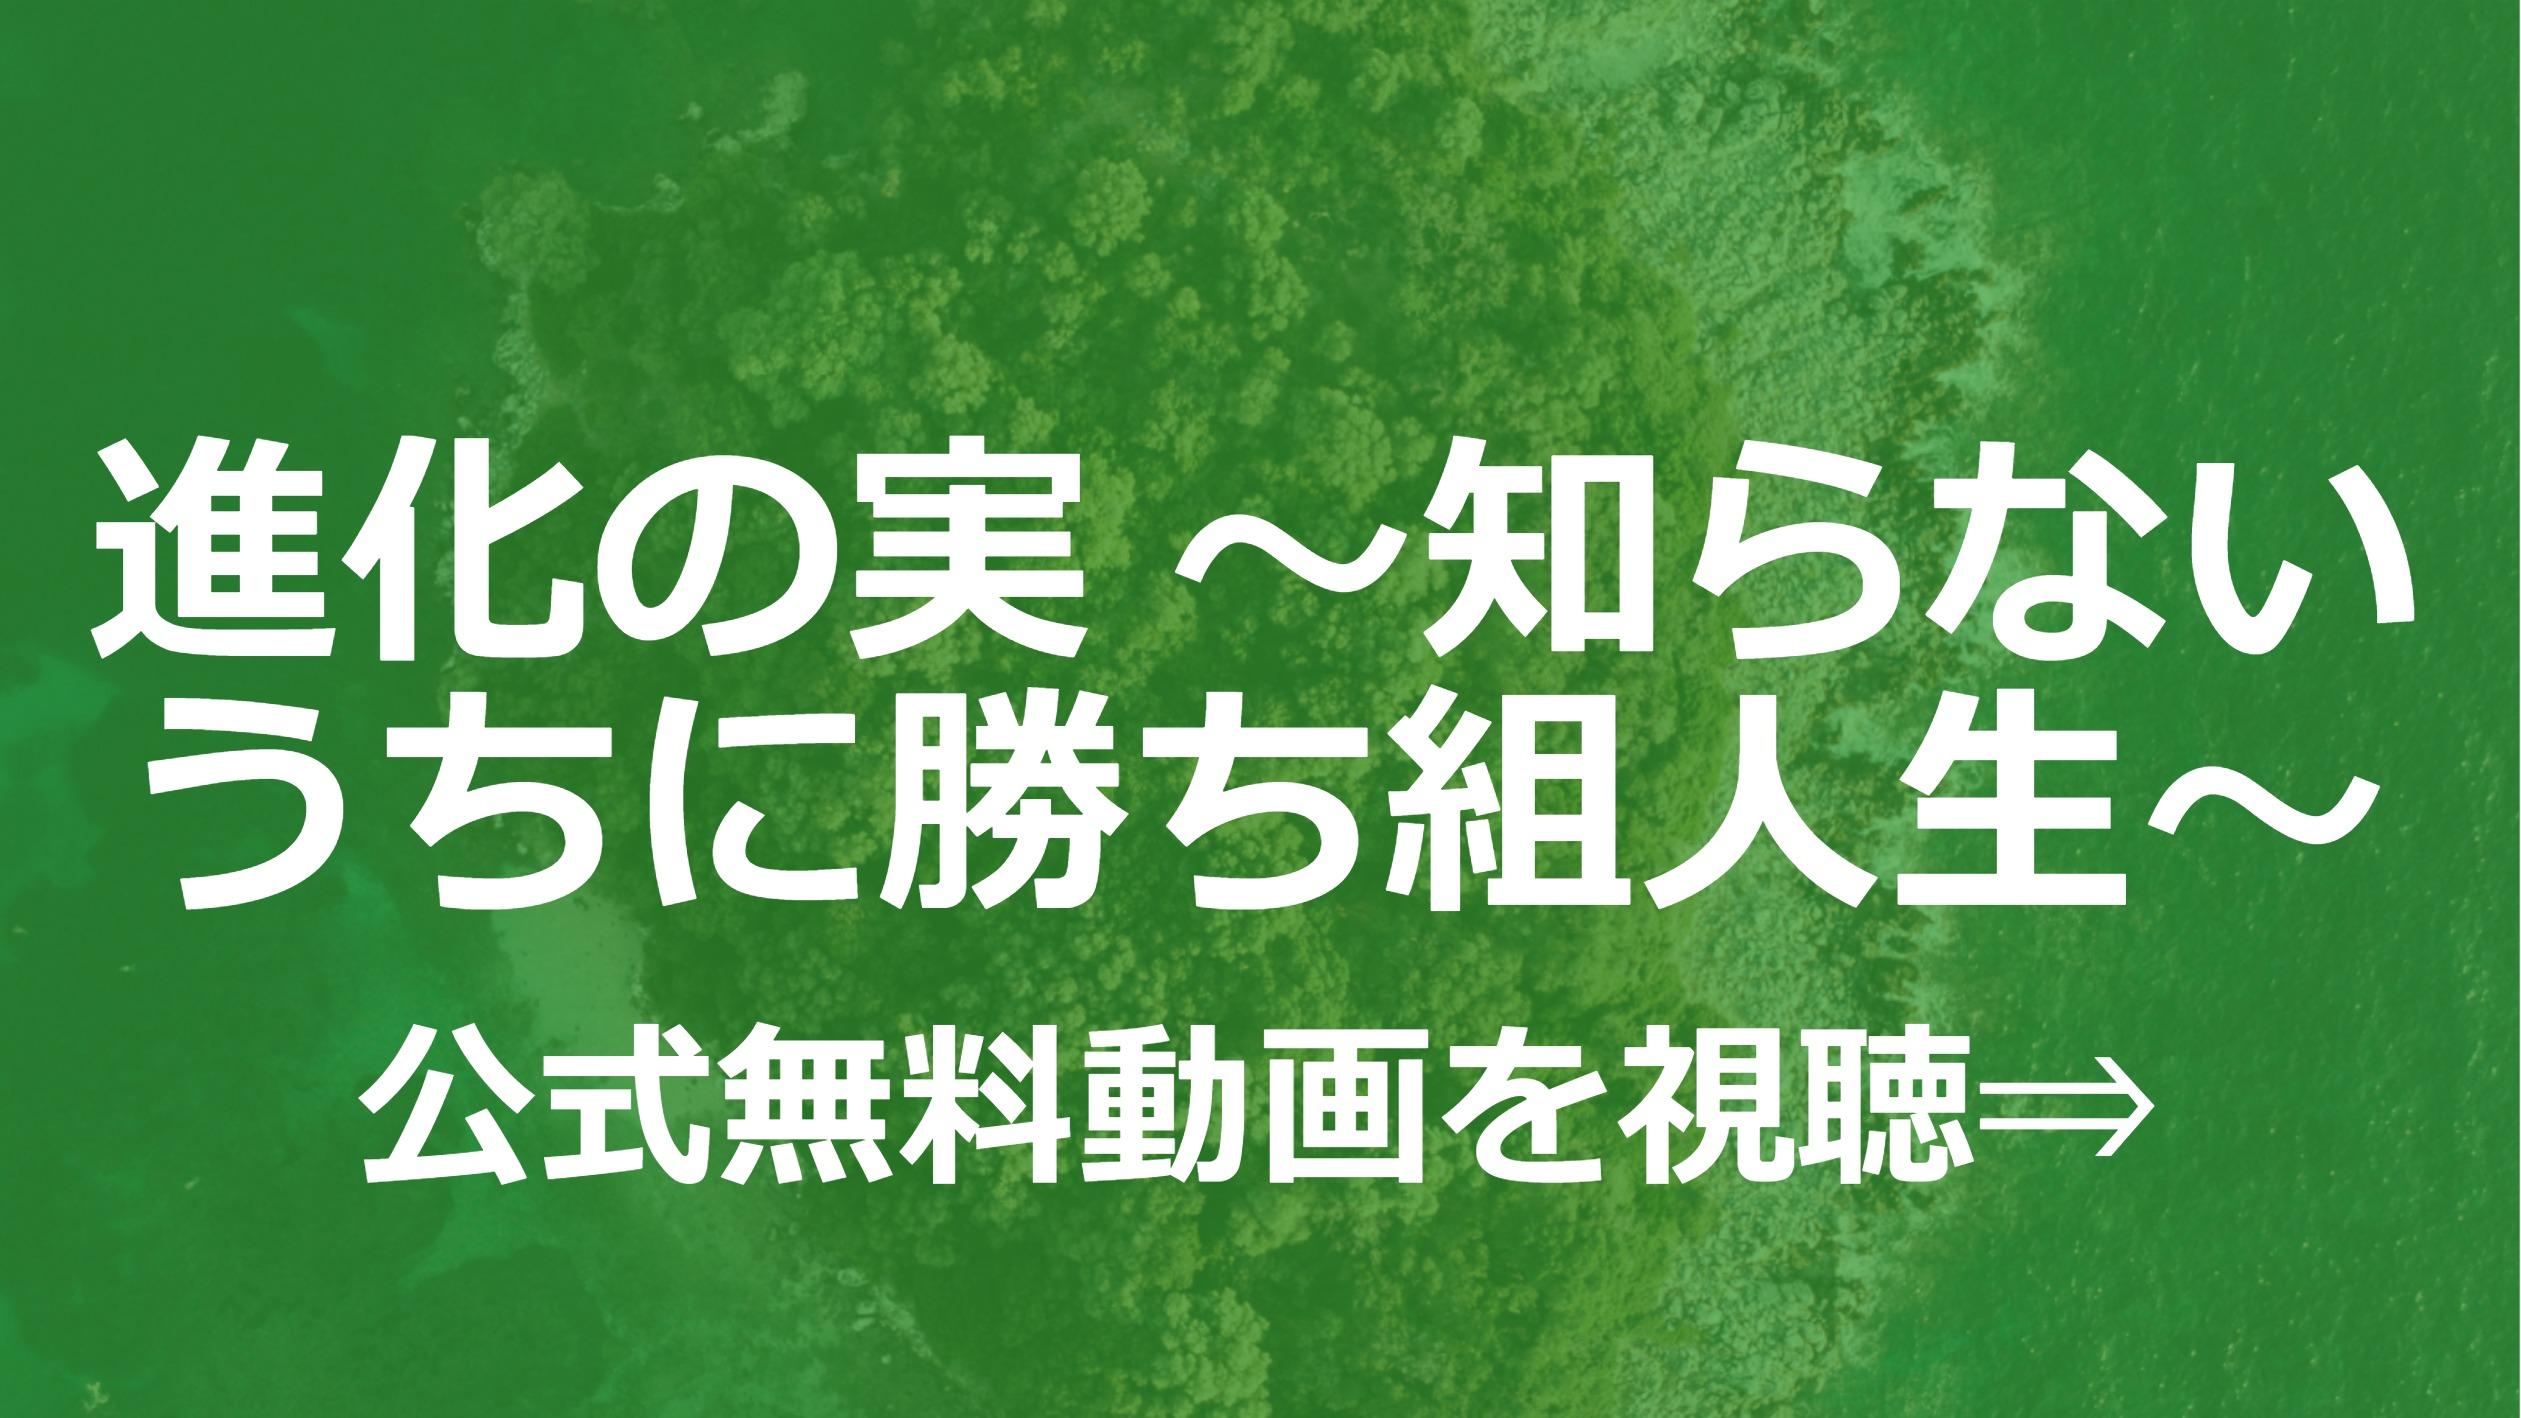 アニメ「進化の実 ~知らないうちに勝ち組人生~」無料フル動画を1話~全話視聴できる公式配信サービスまとめ!